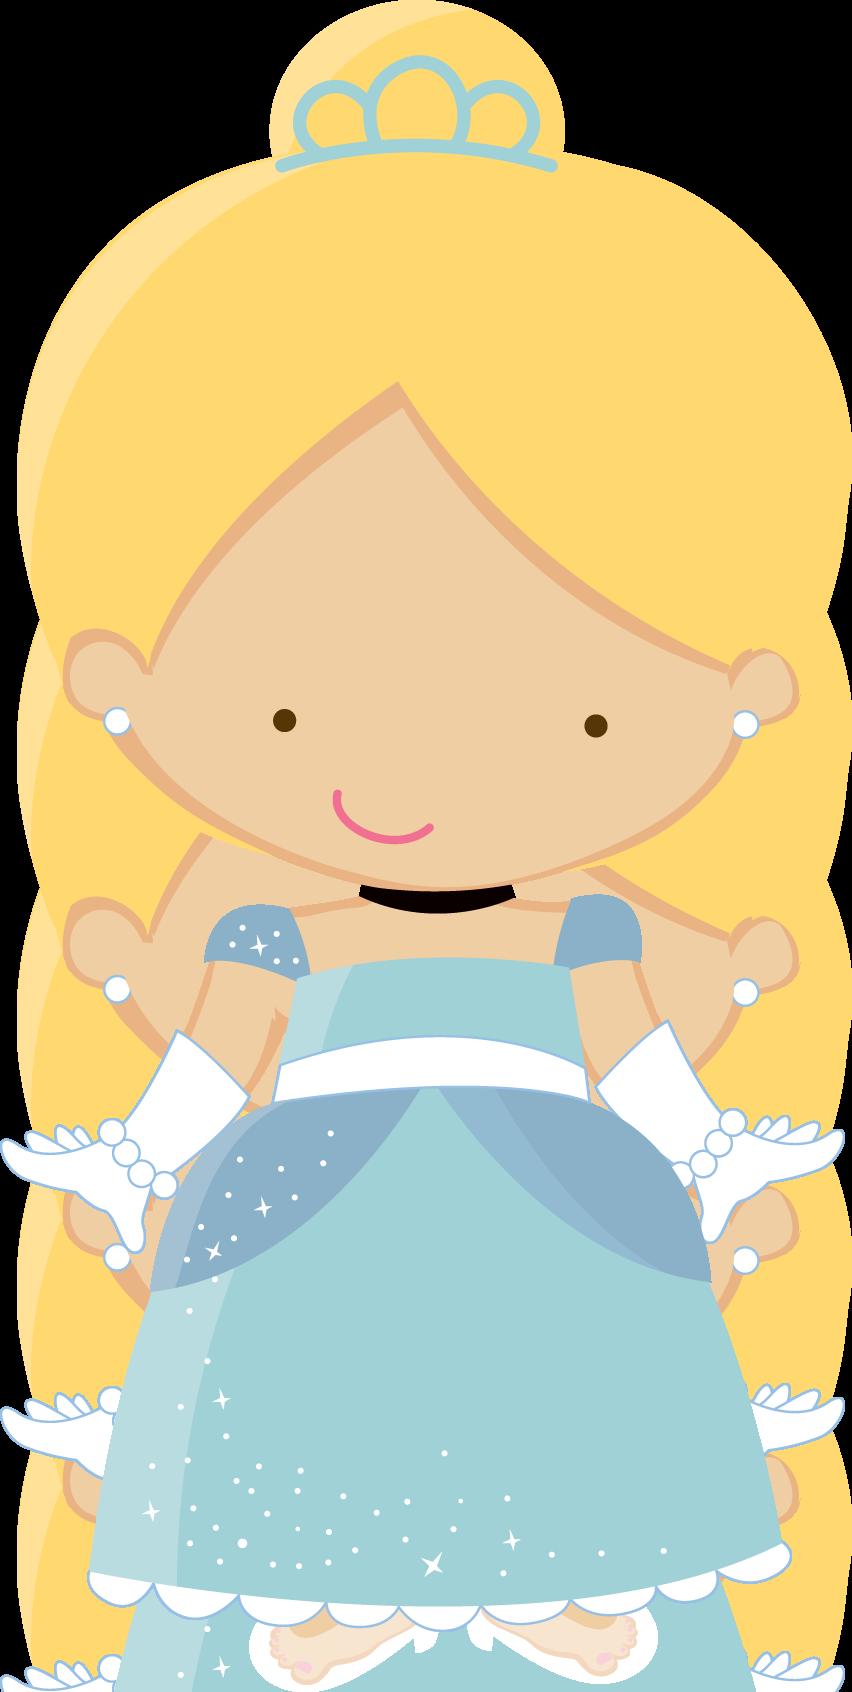 Heaven clipart queen. Princess disney cutes ii